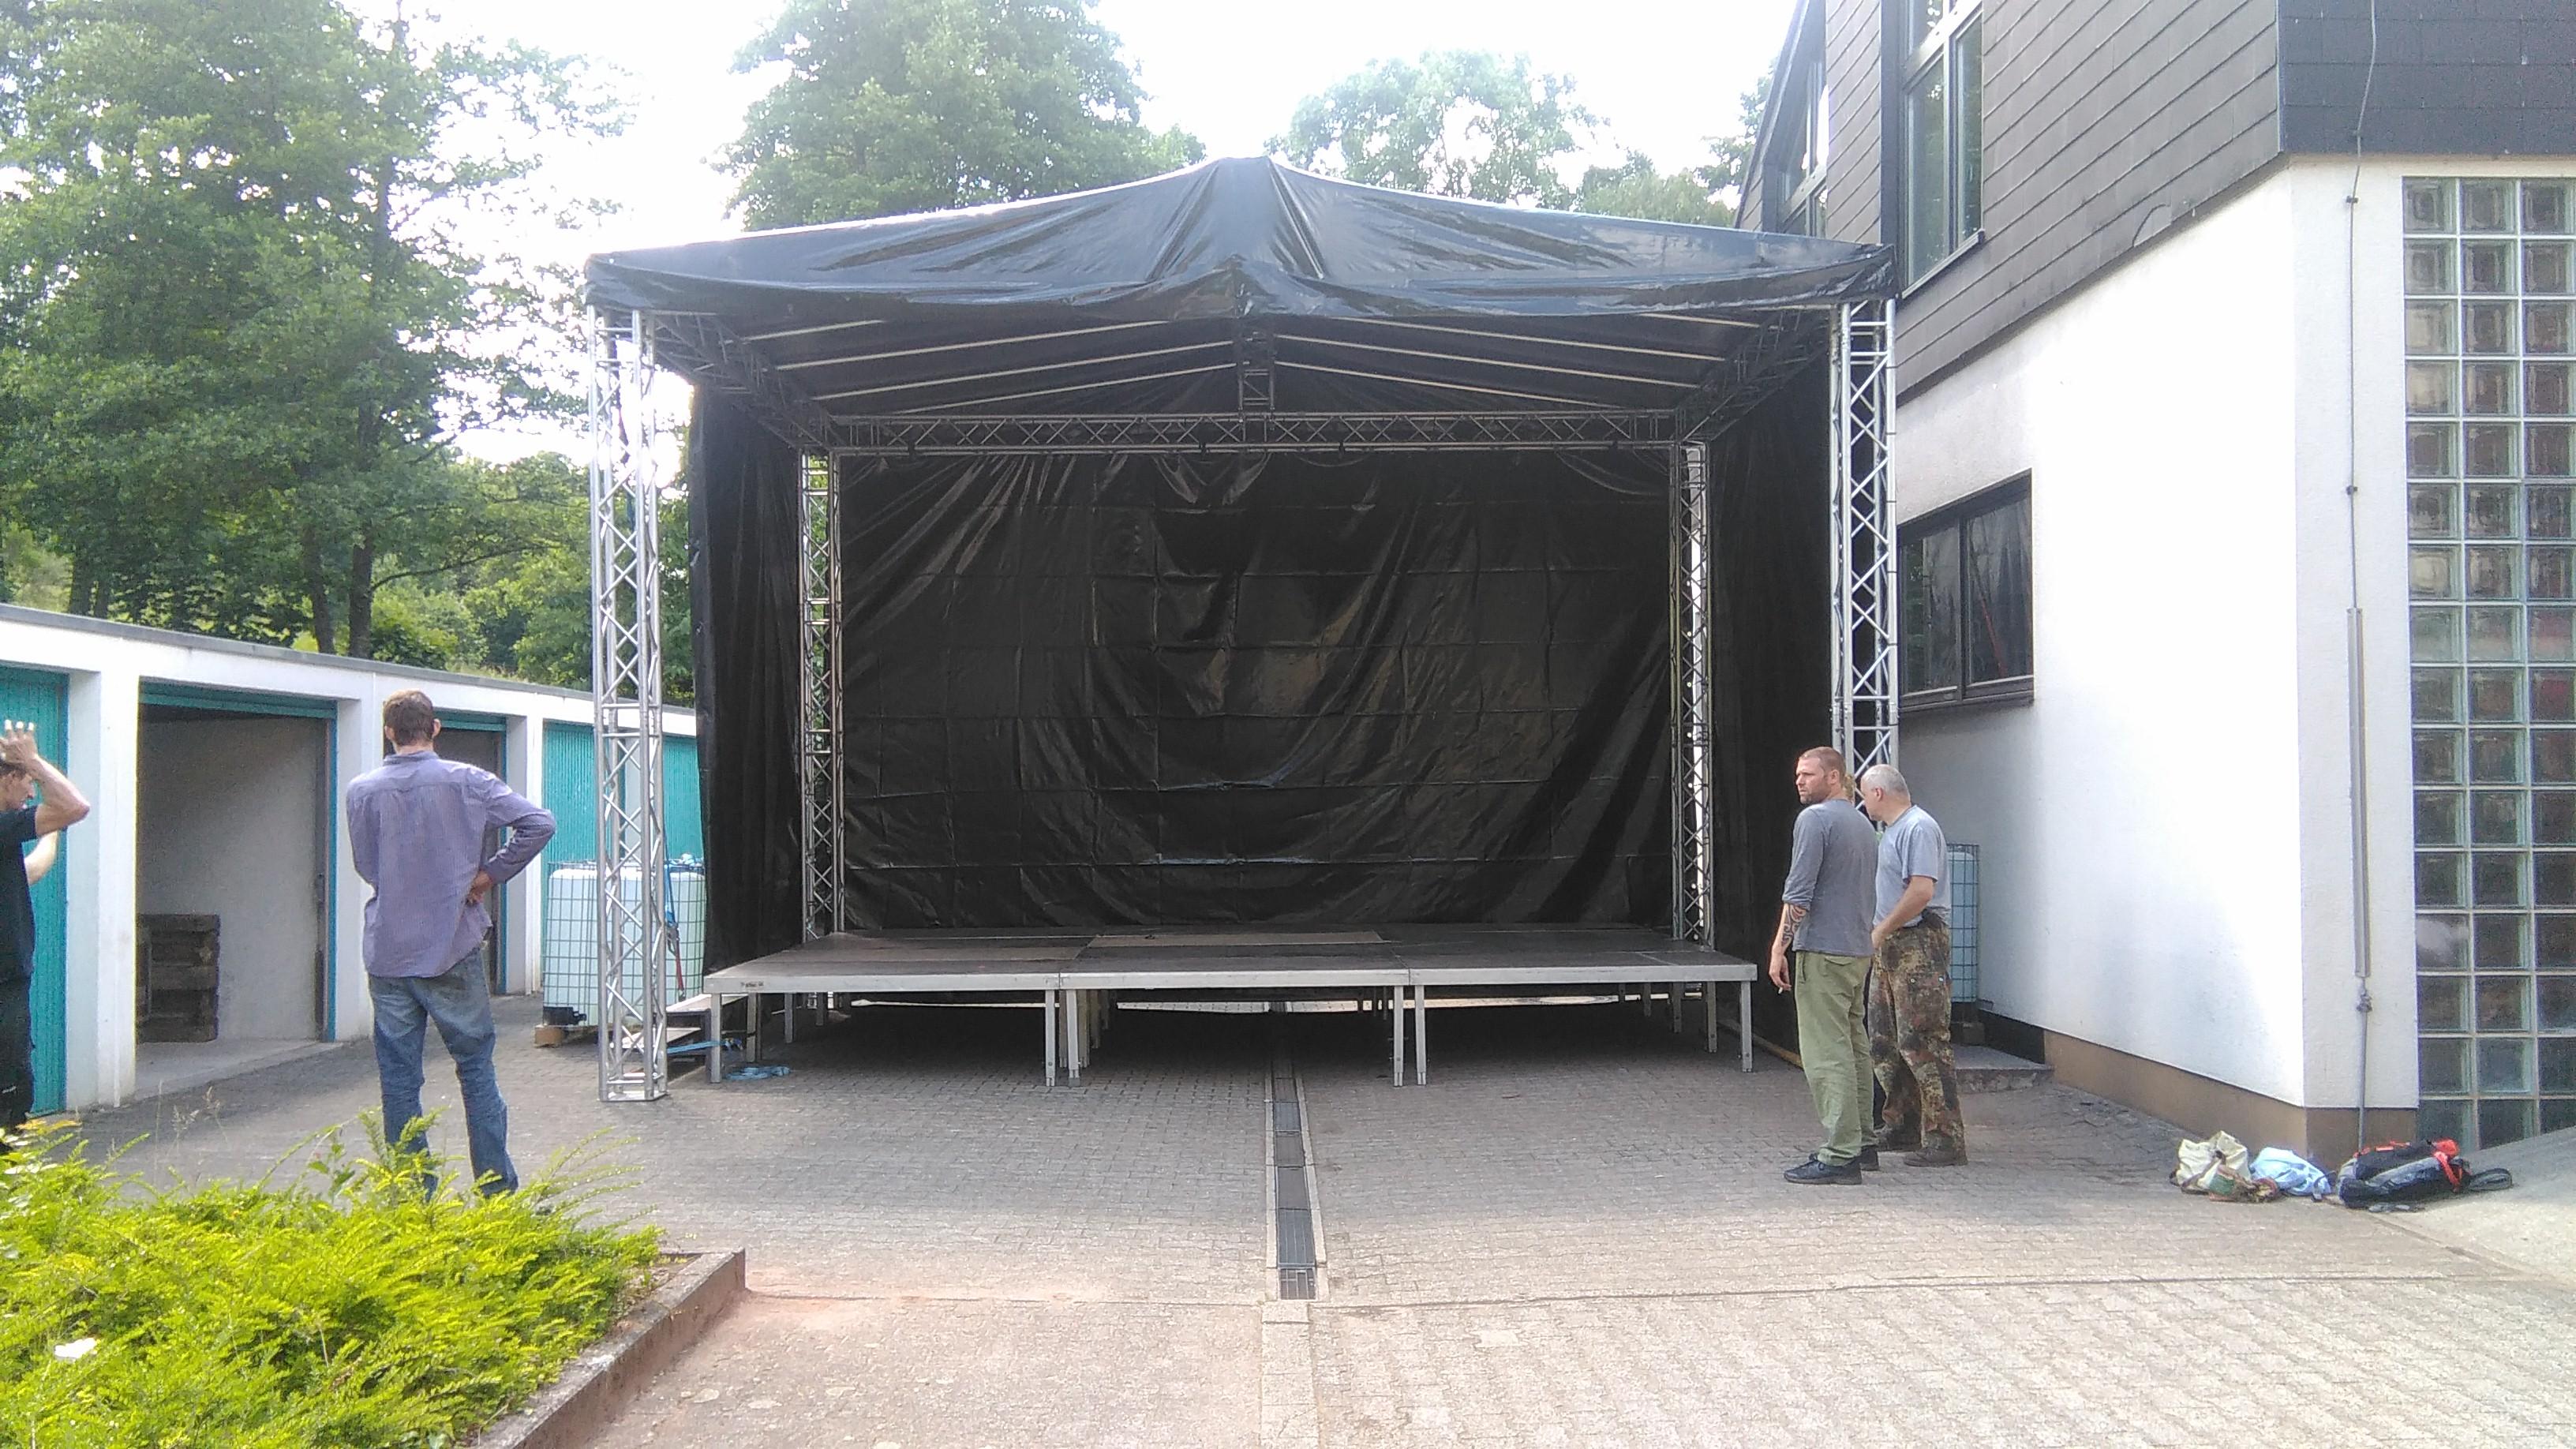 Dachfläche 7x5m, Bühnenfläche 6x4m